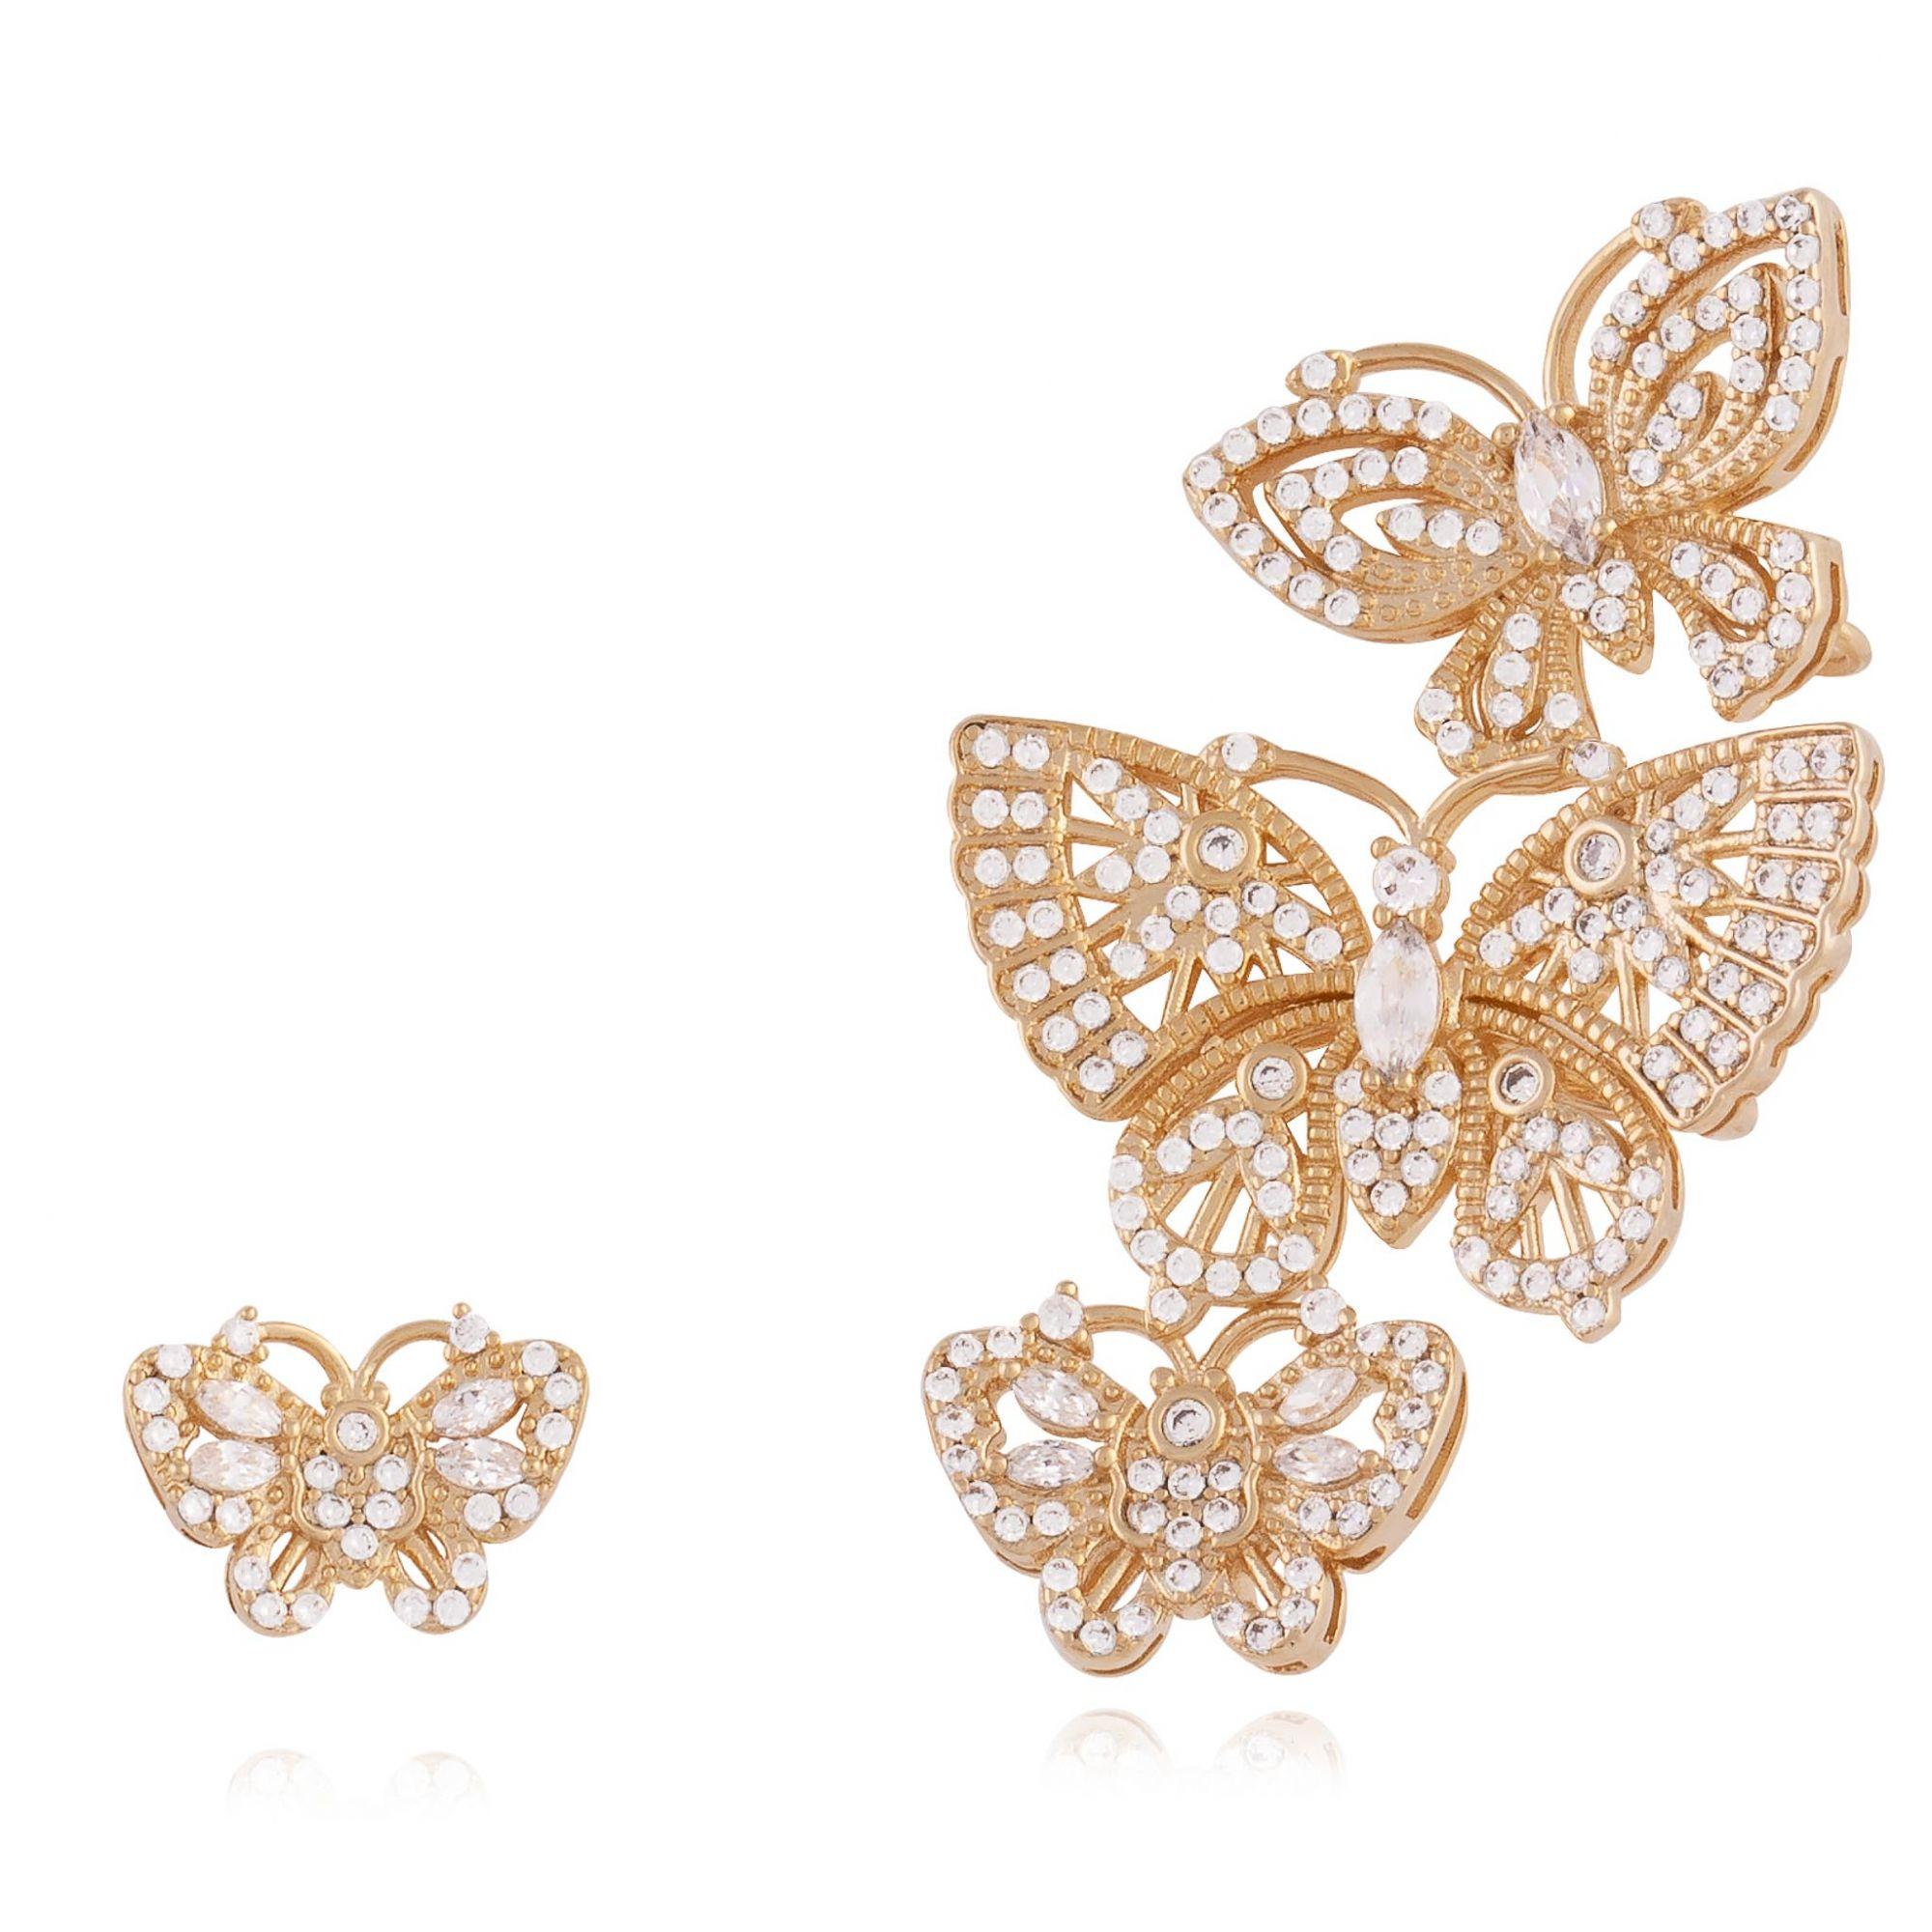 Brinco ear cuff com micro zircônias cristais banhado a ouro 18k.  - romabrazil.com.br